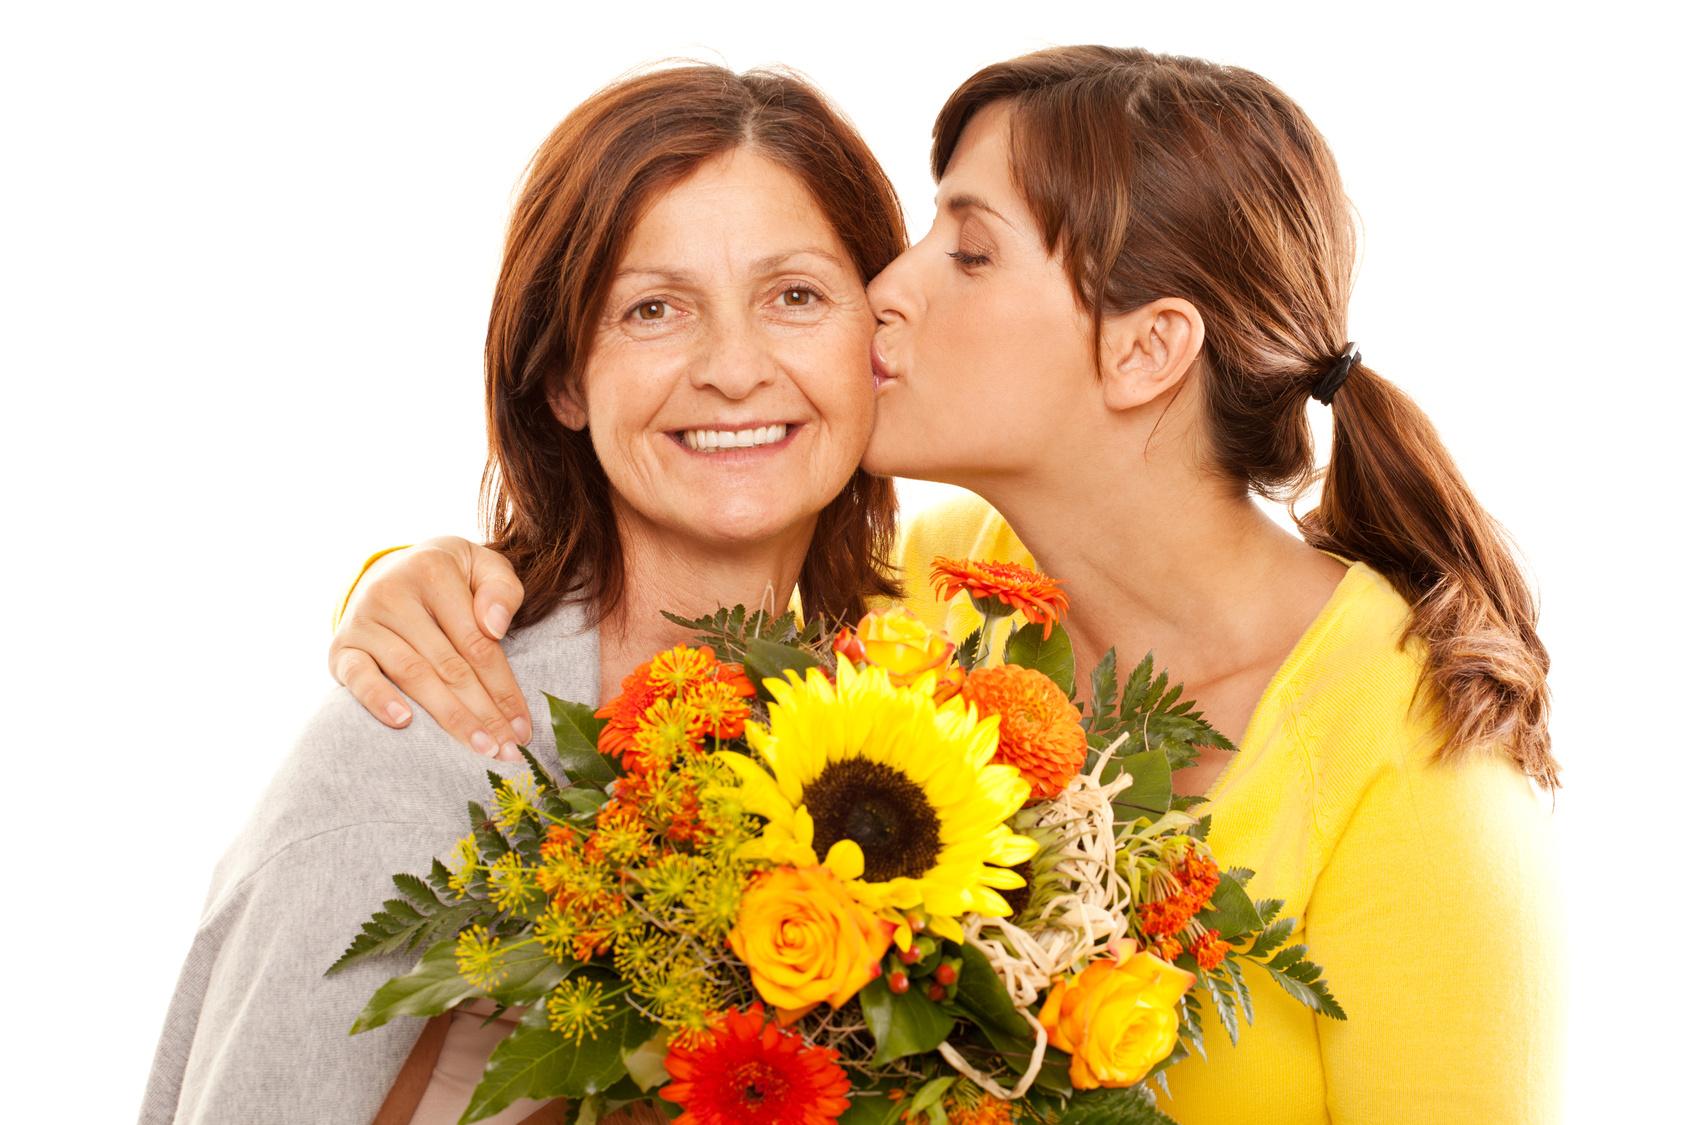 Цветы самый лучший подарок для женщины в любое время года